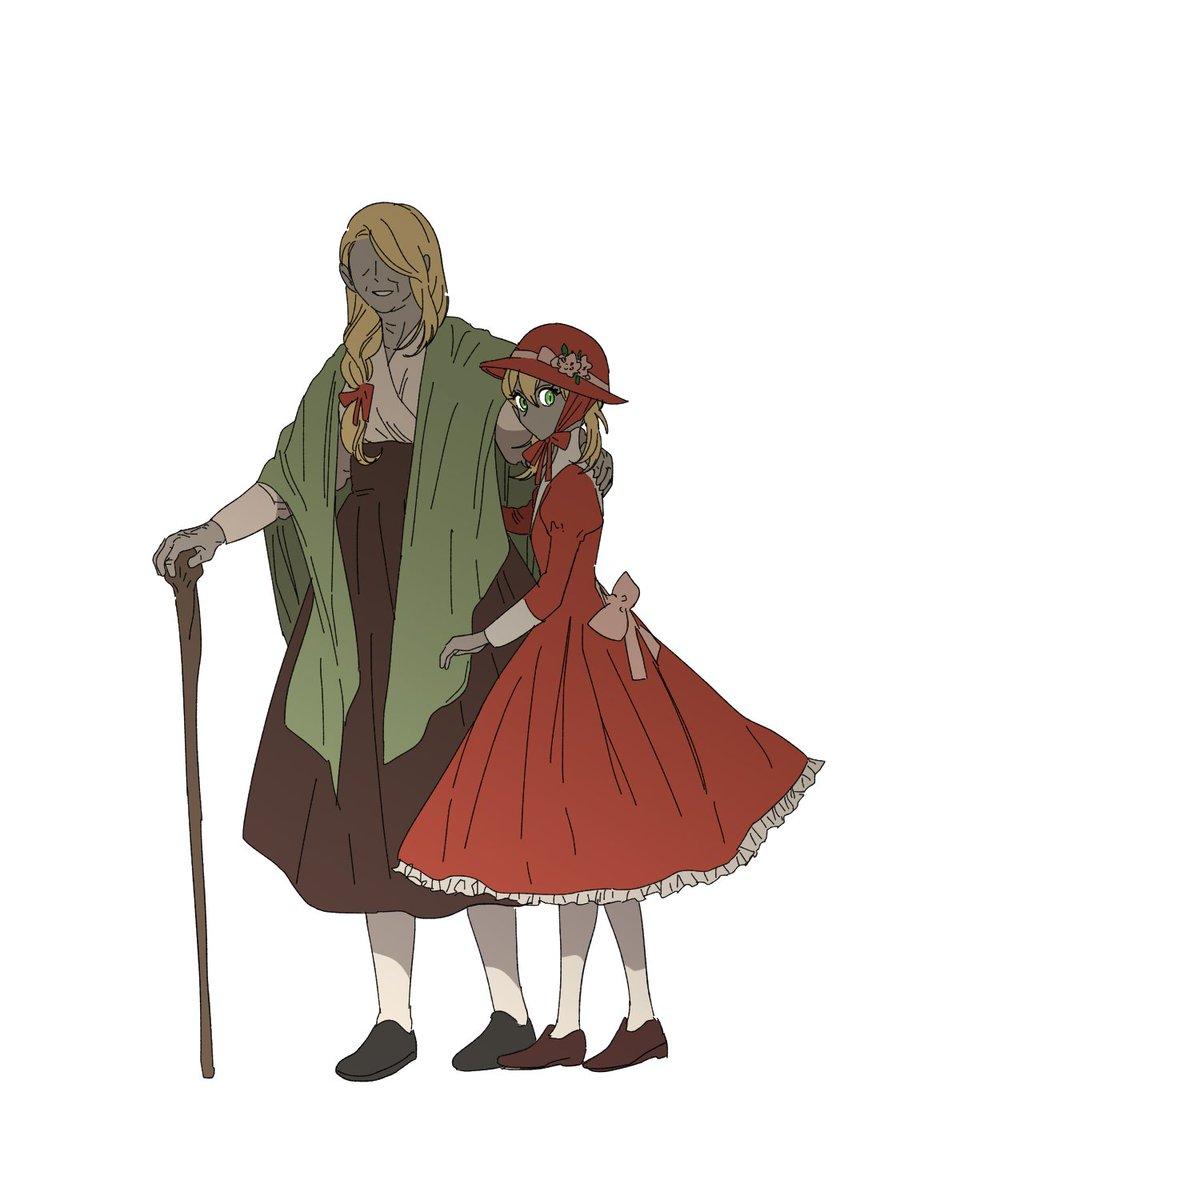 RT @loofhe2: 어머 그레이스씨 이번에 멀리사는 딸이 온다더니 손주얘기한거였나봐~할머니랑 똑닮았어...